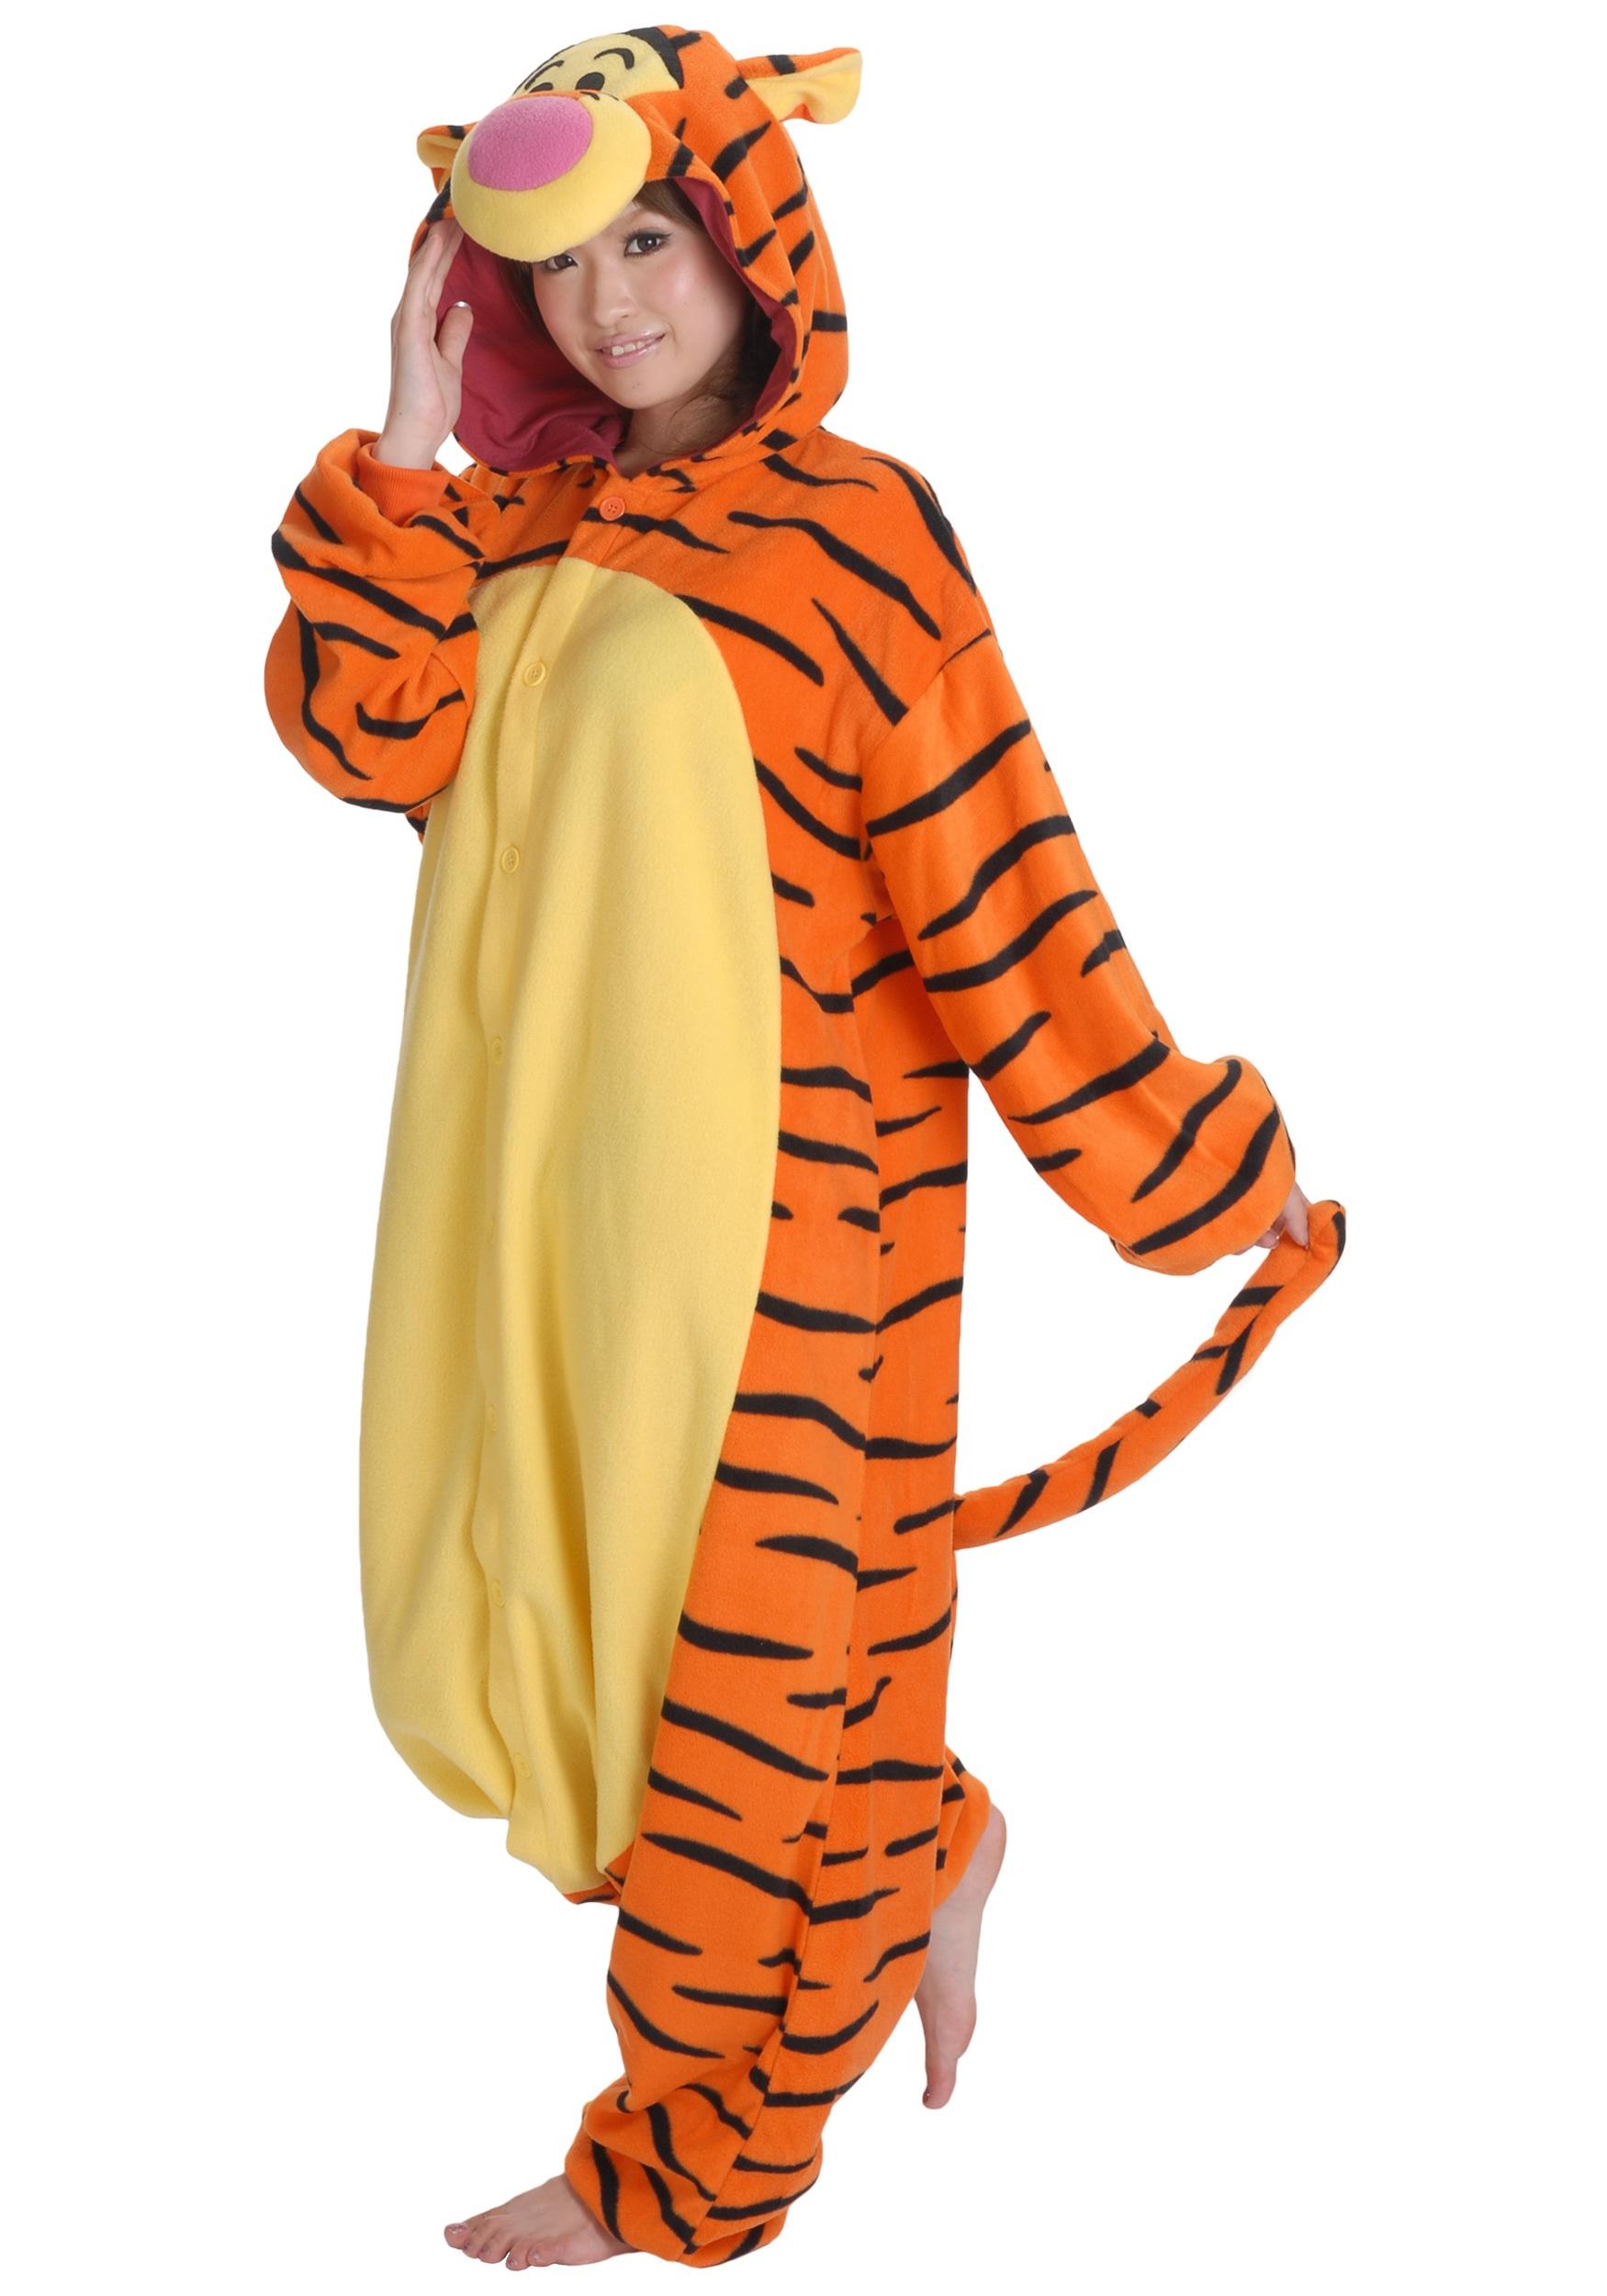 e77f2f0781 Pajamas - Kigurumi   Sleepwear - Fun